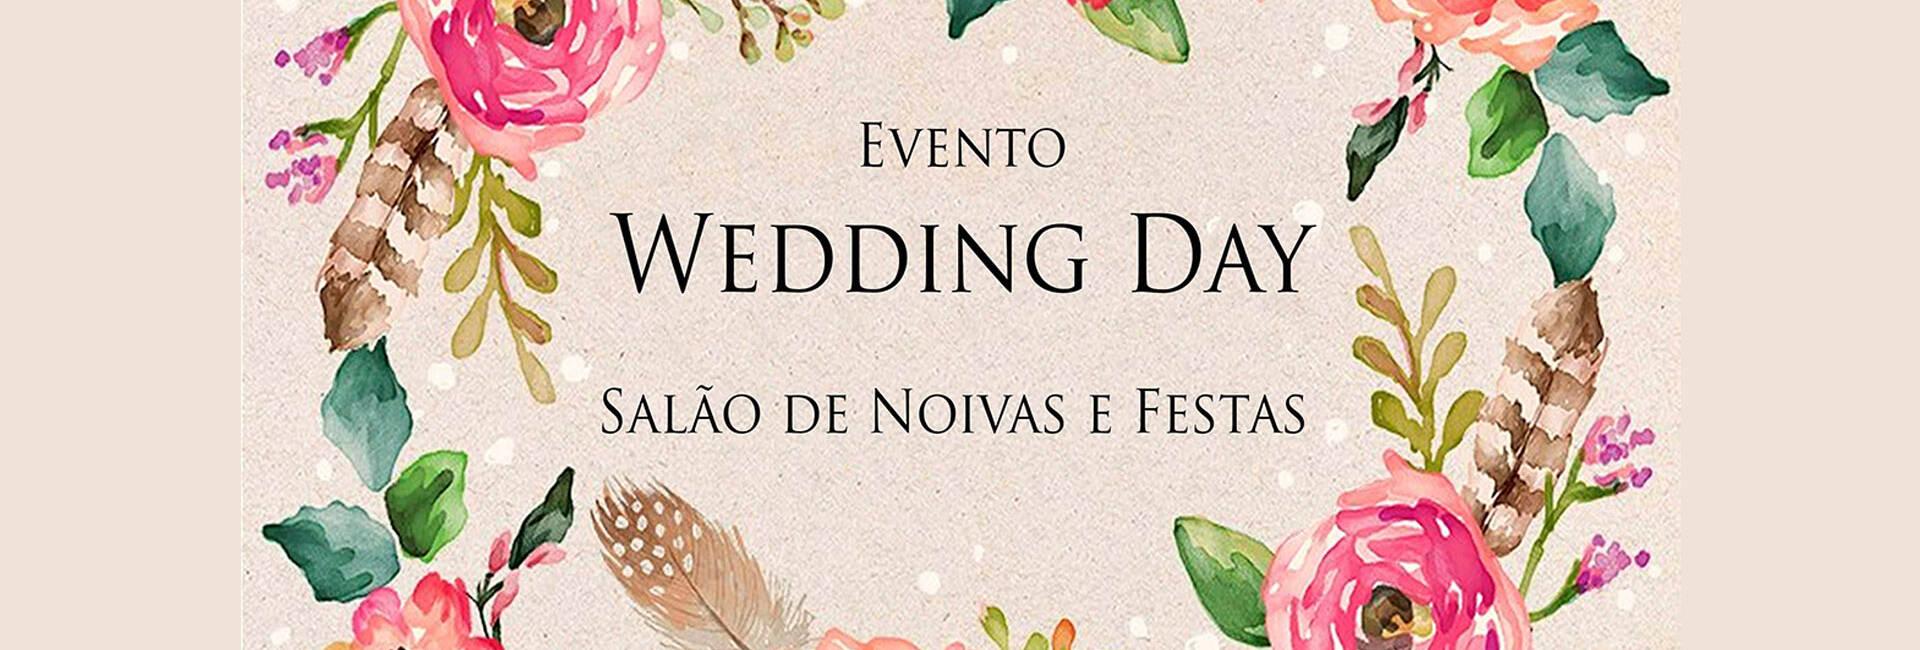 Site de Fornecedores de Eventos de Evento Wedding Day